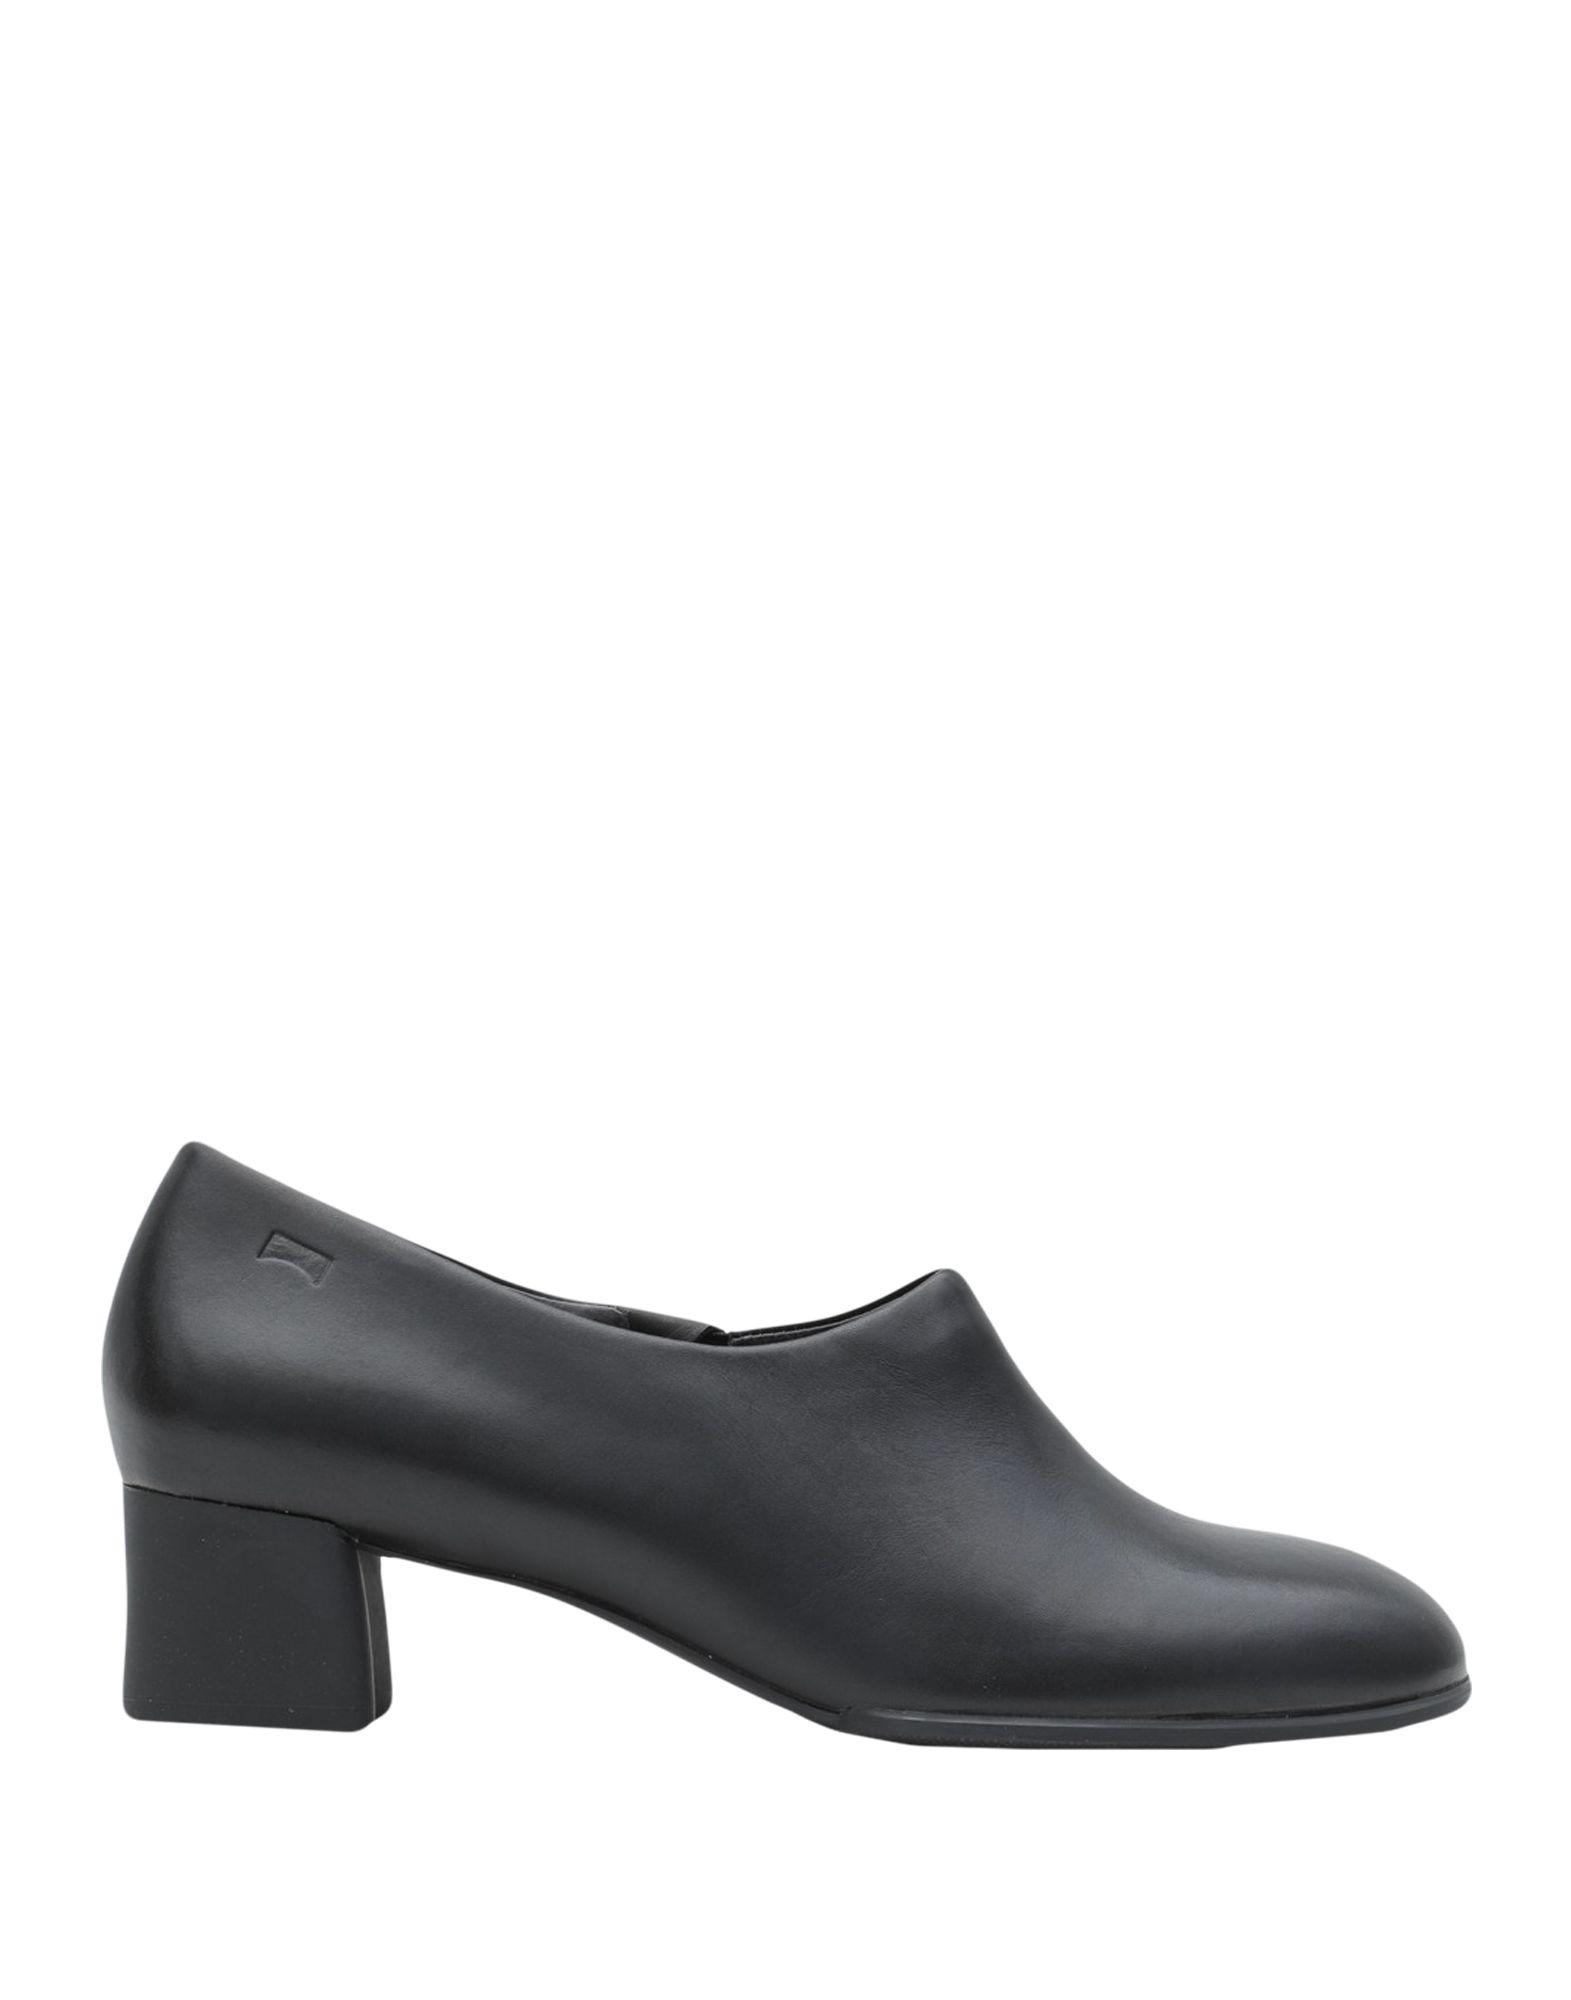 женские сандалии купить в интернет